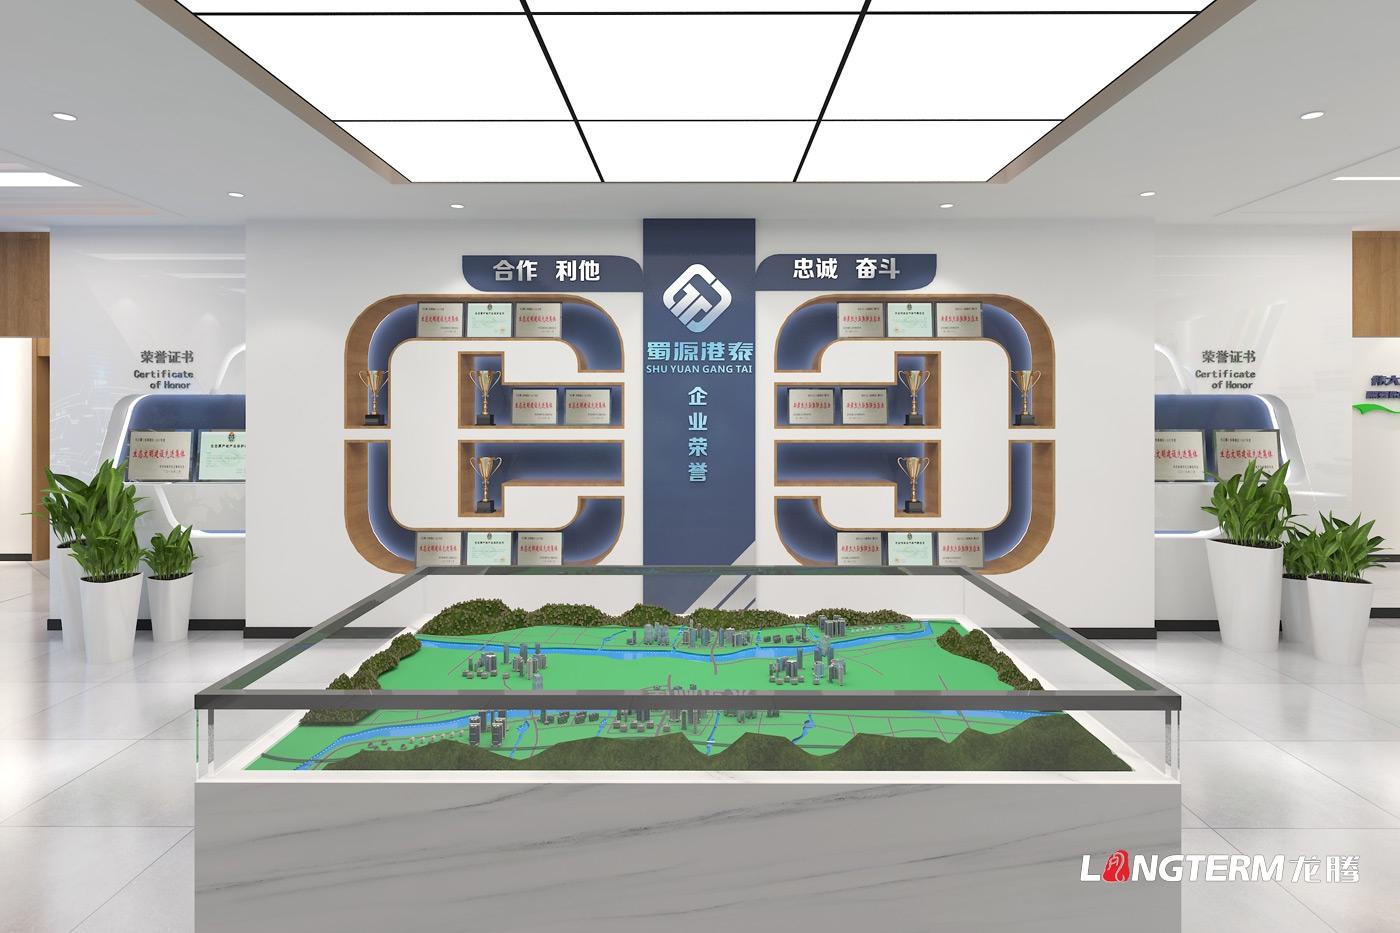 成都蜀源港泰新型建材有限公司党建室设计